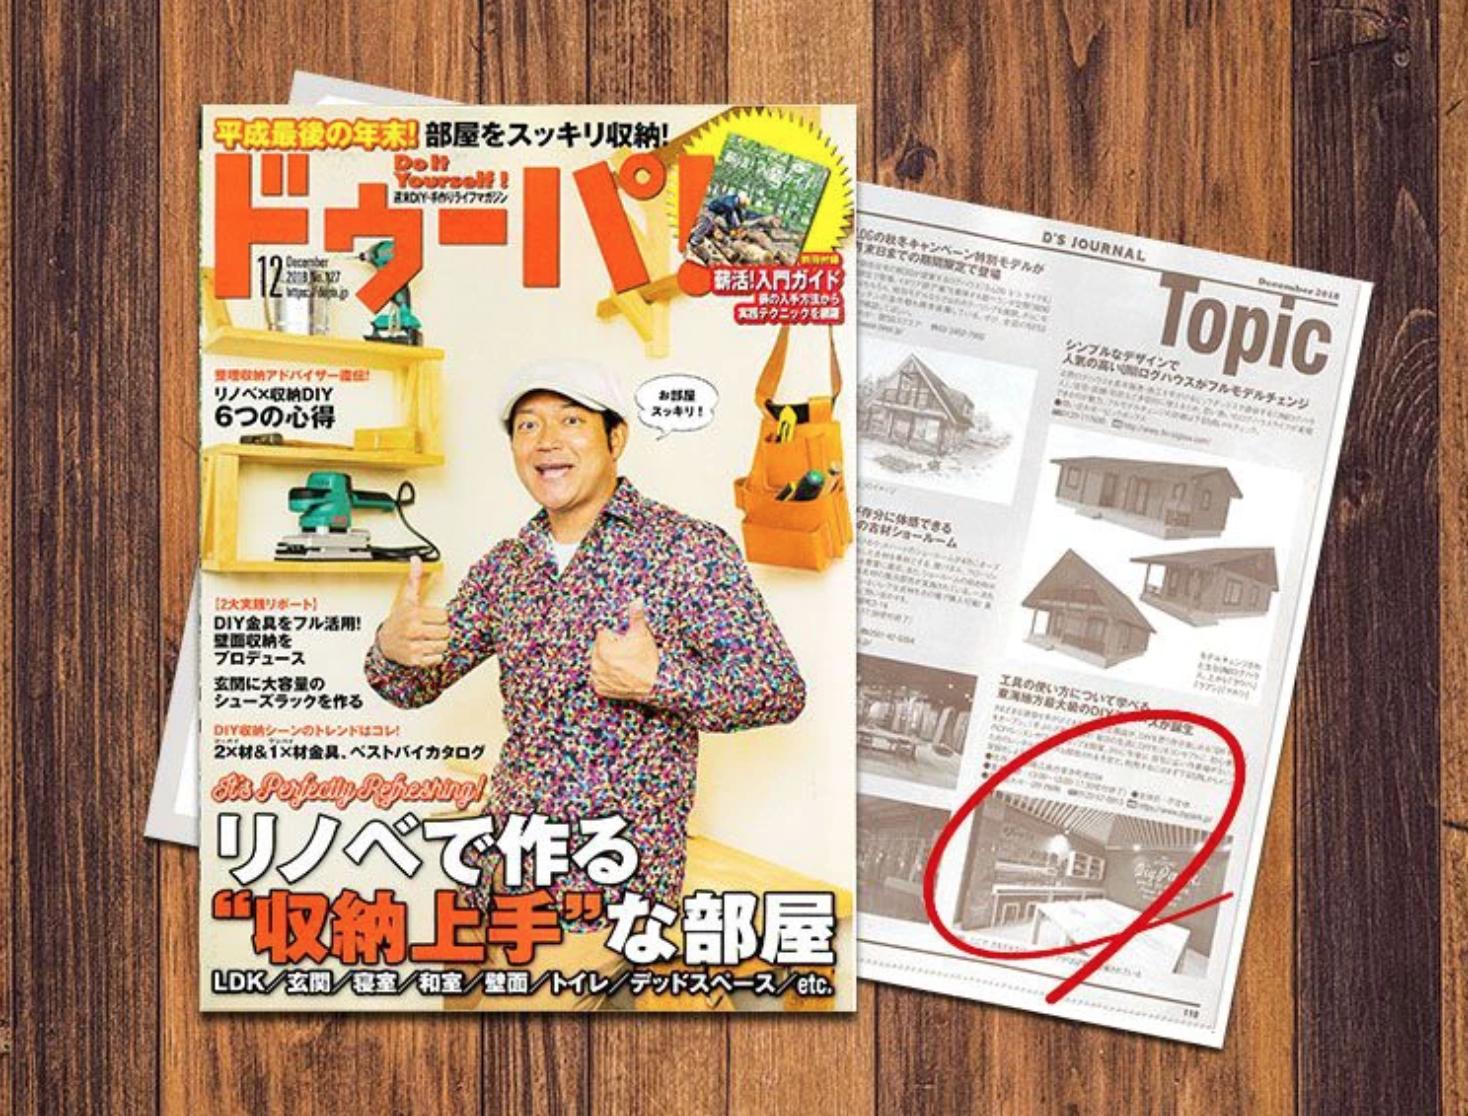 DIY PARKが雑誌「ドゥーパ!」に紹介されました!